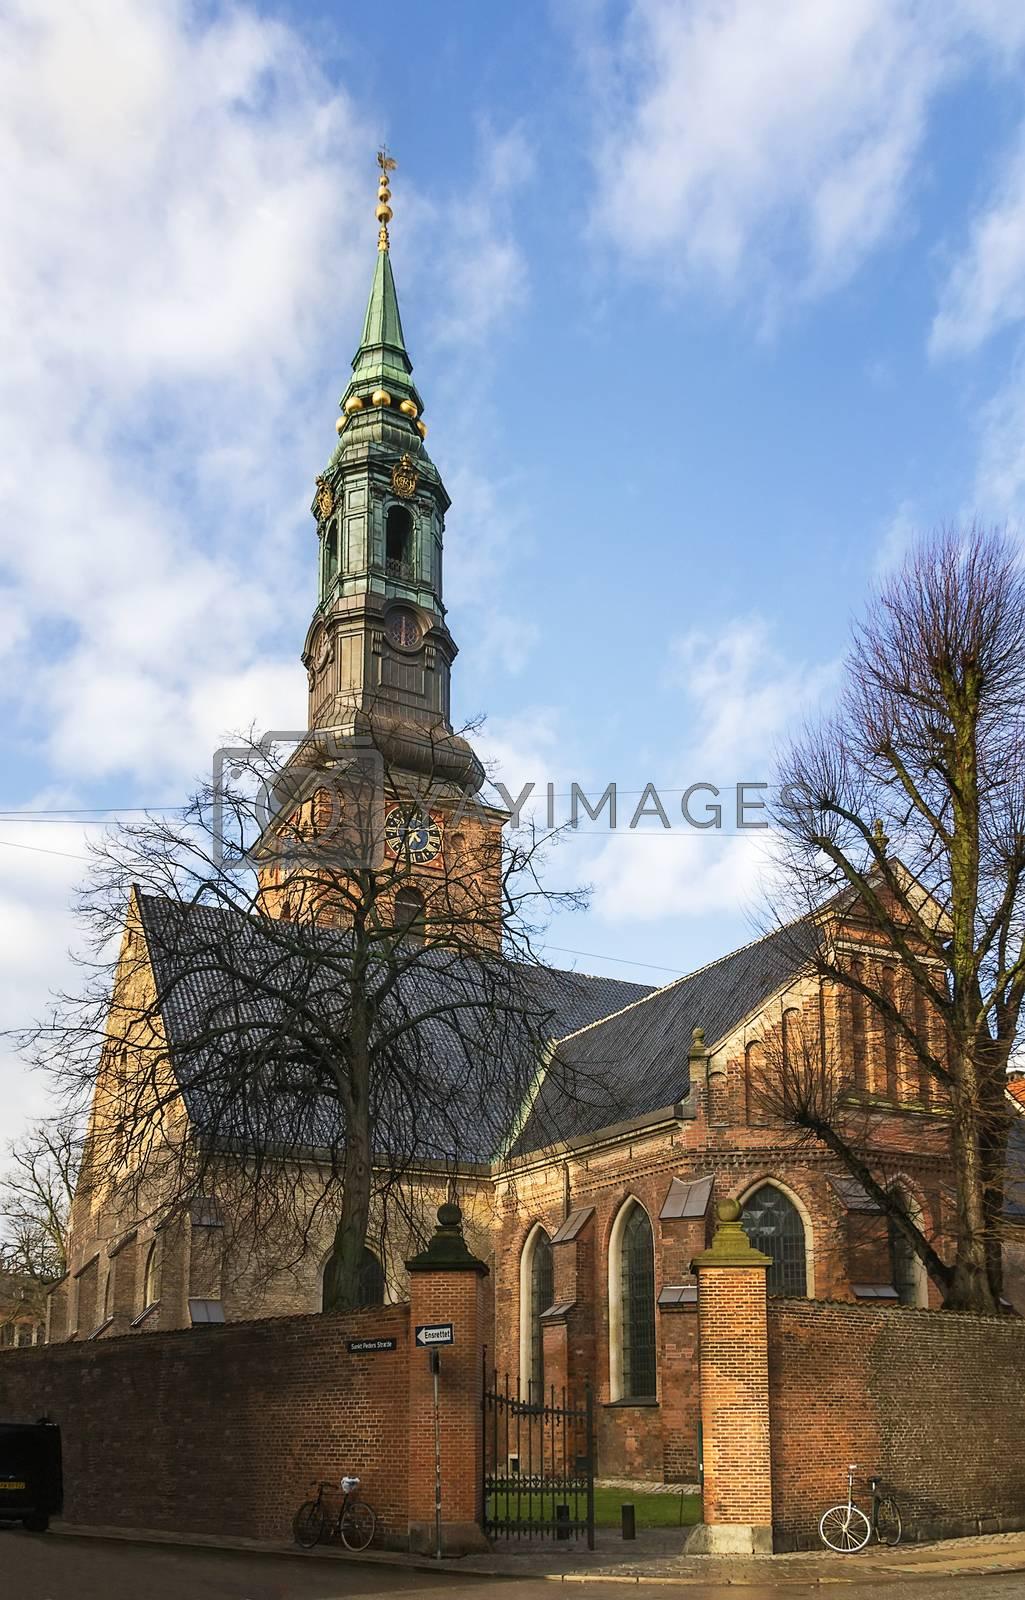 St. Peter Church, Copenhagen by borisb17